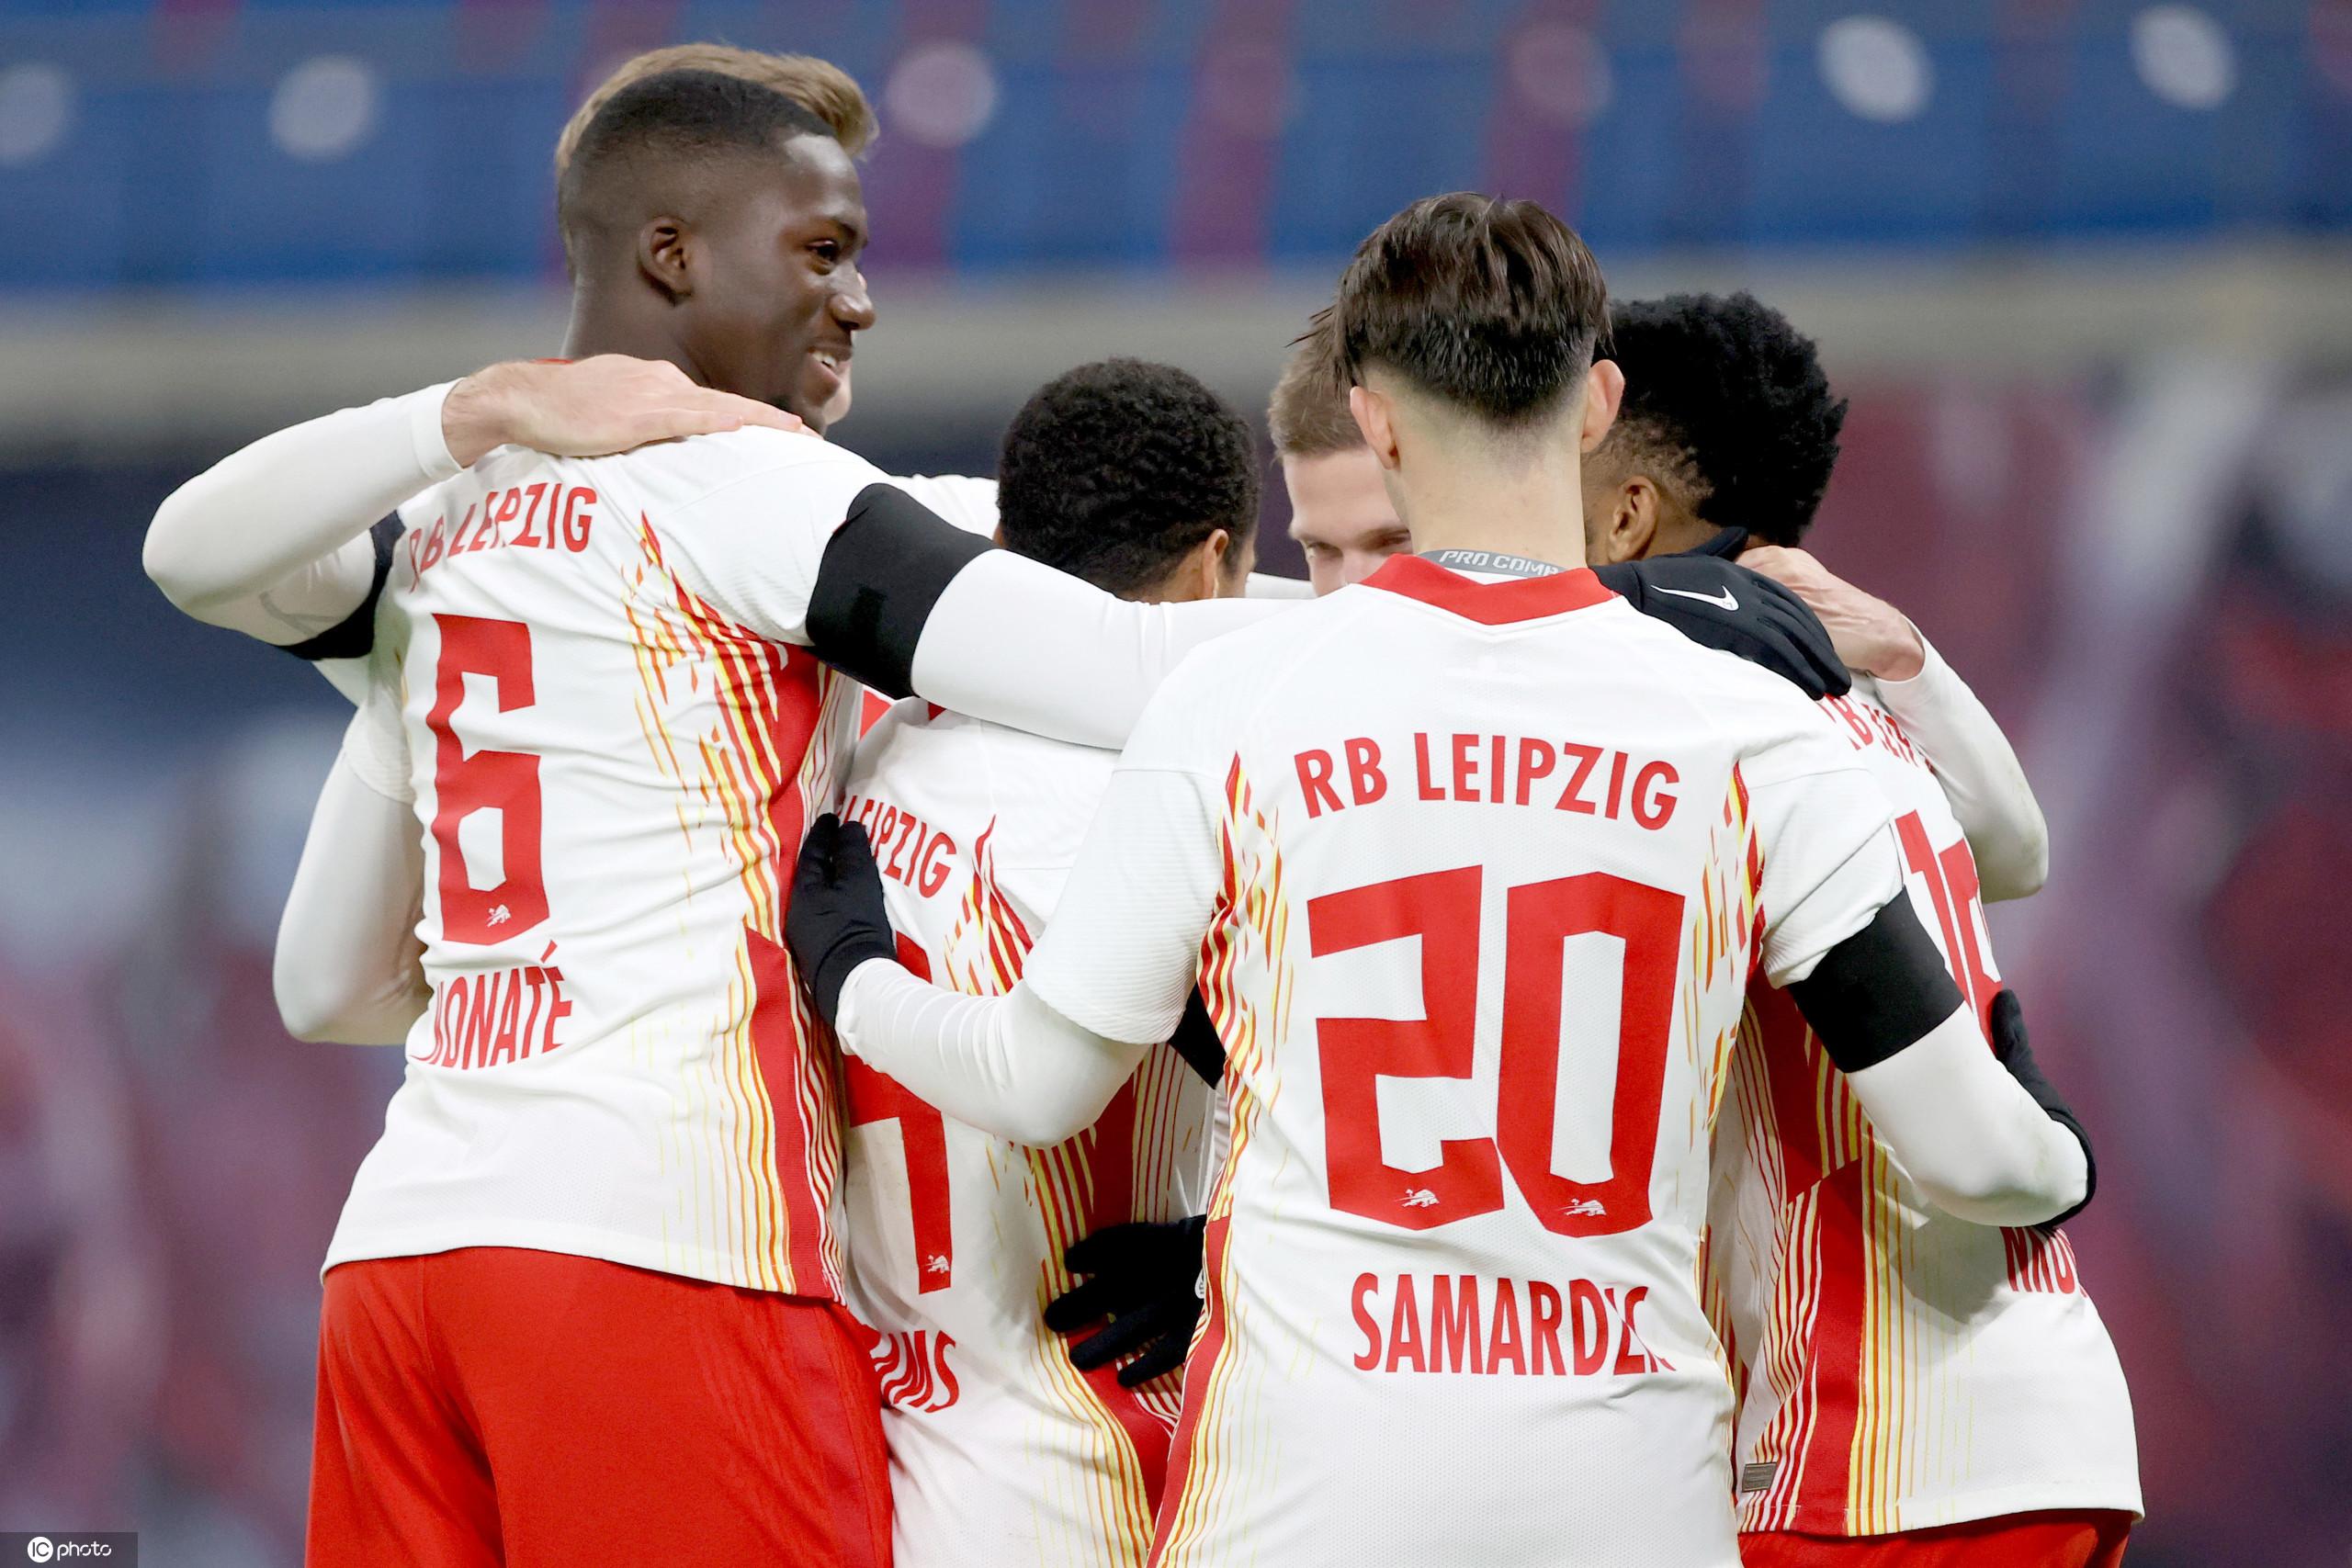 德甲:安赫利尼奥恩昆库破门,莱比锡2-1比勒菲尔德